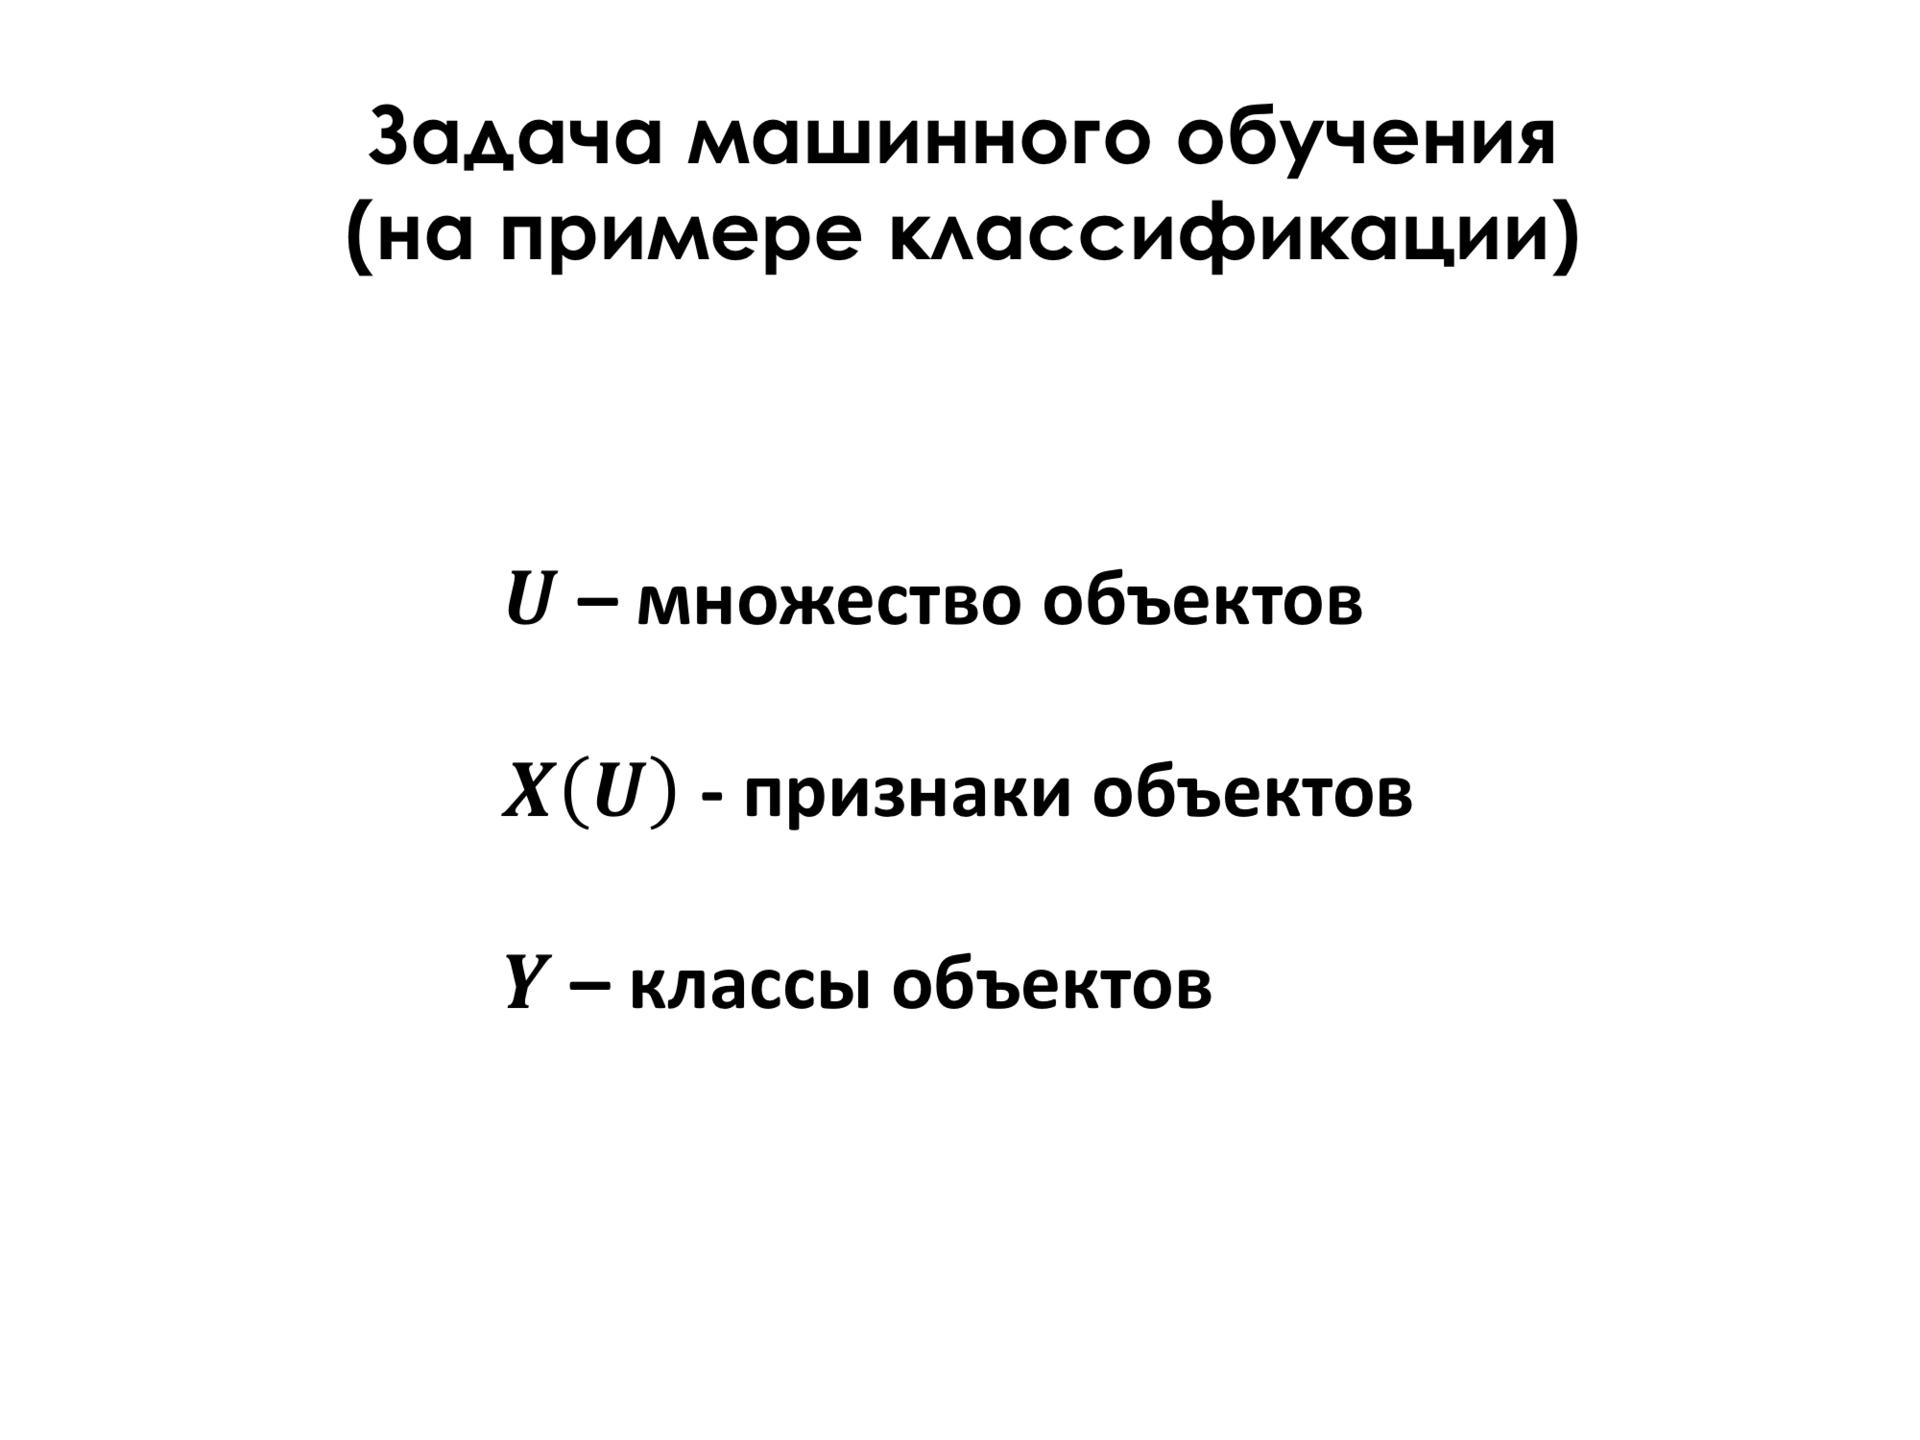 Самое главное о нейронных сетях. Лекция в Яндексе - 1